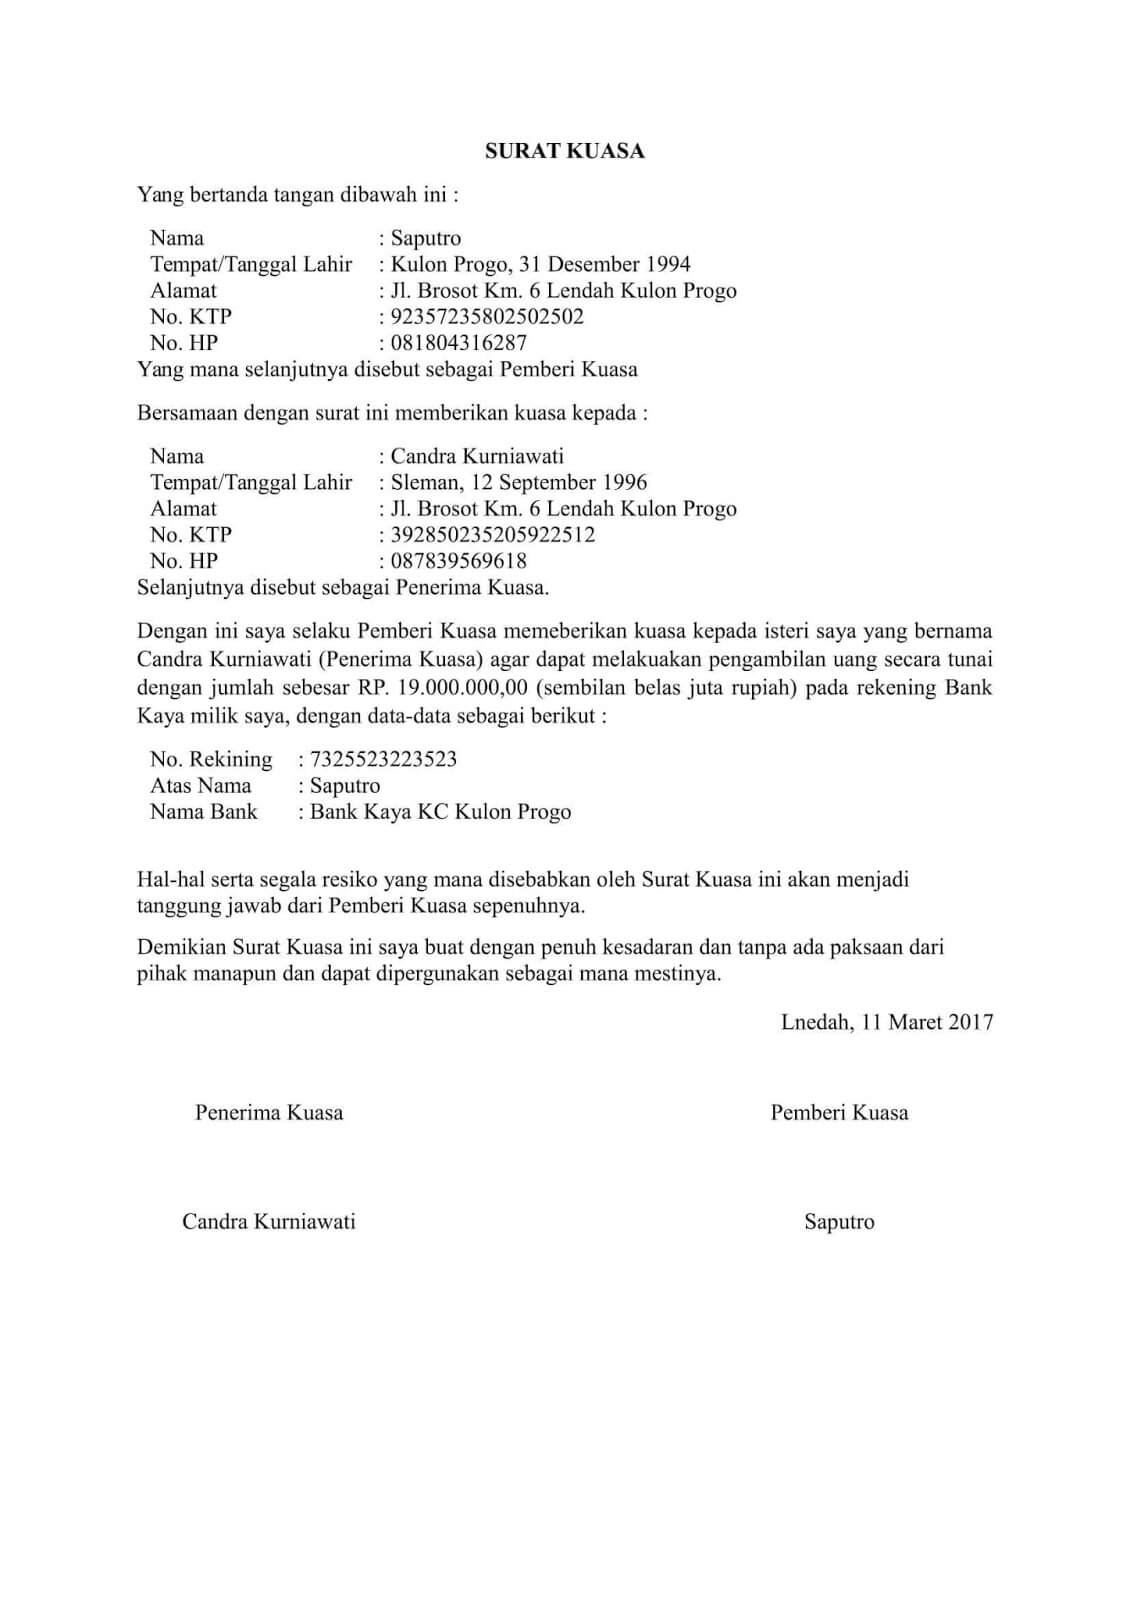 Surat Kuasa Pengambilan Uang di Bank Mandiri